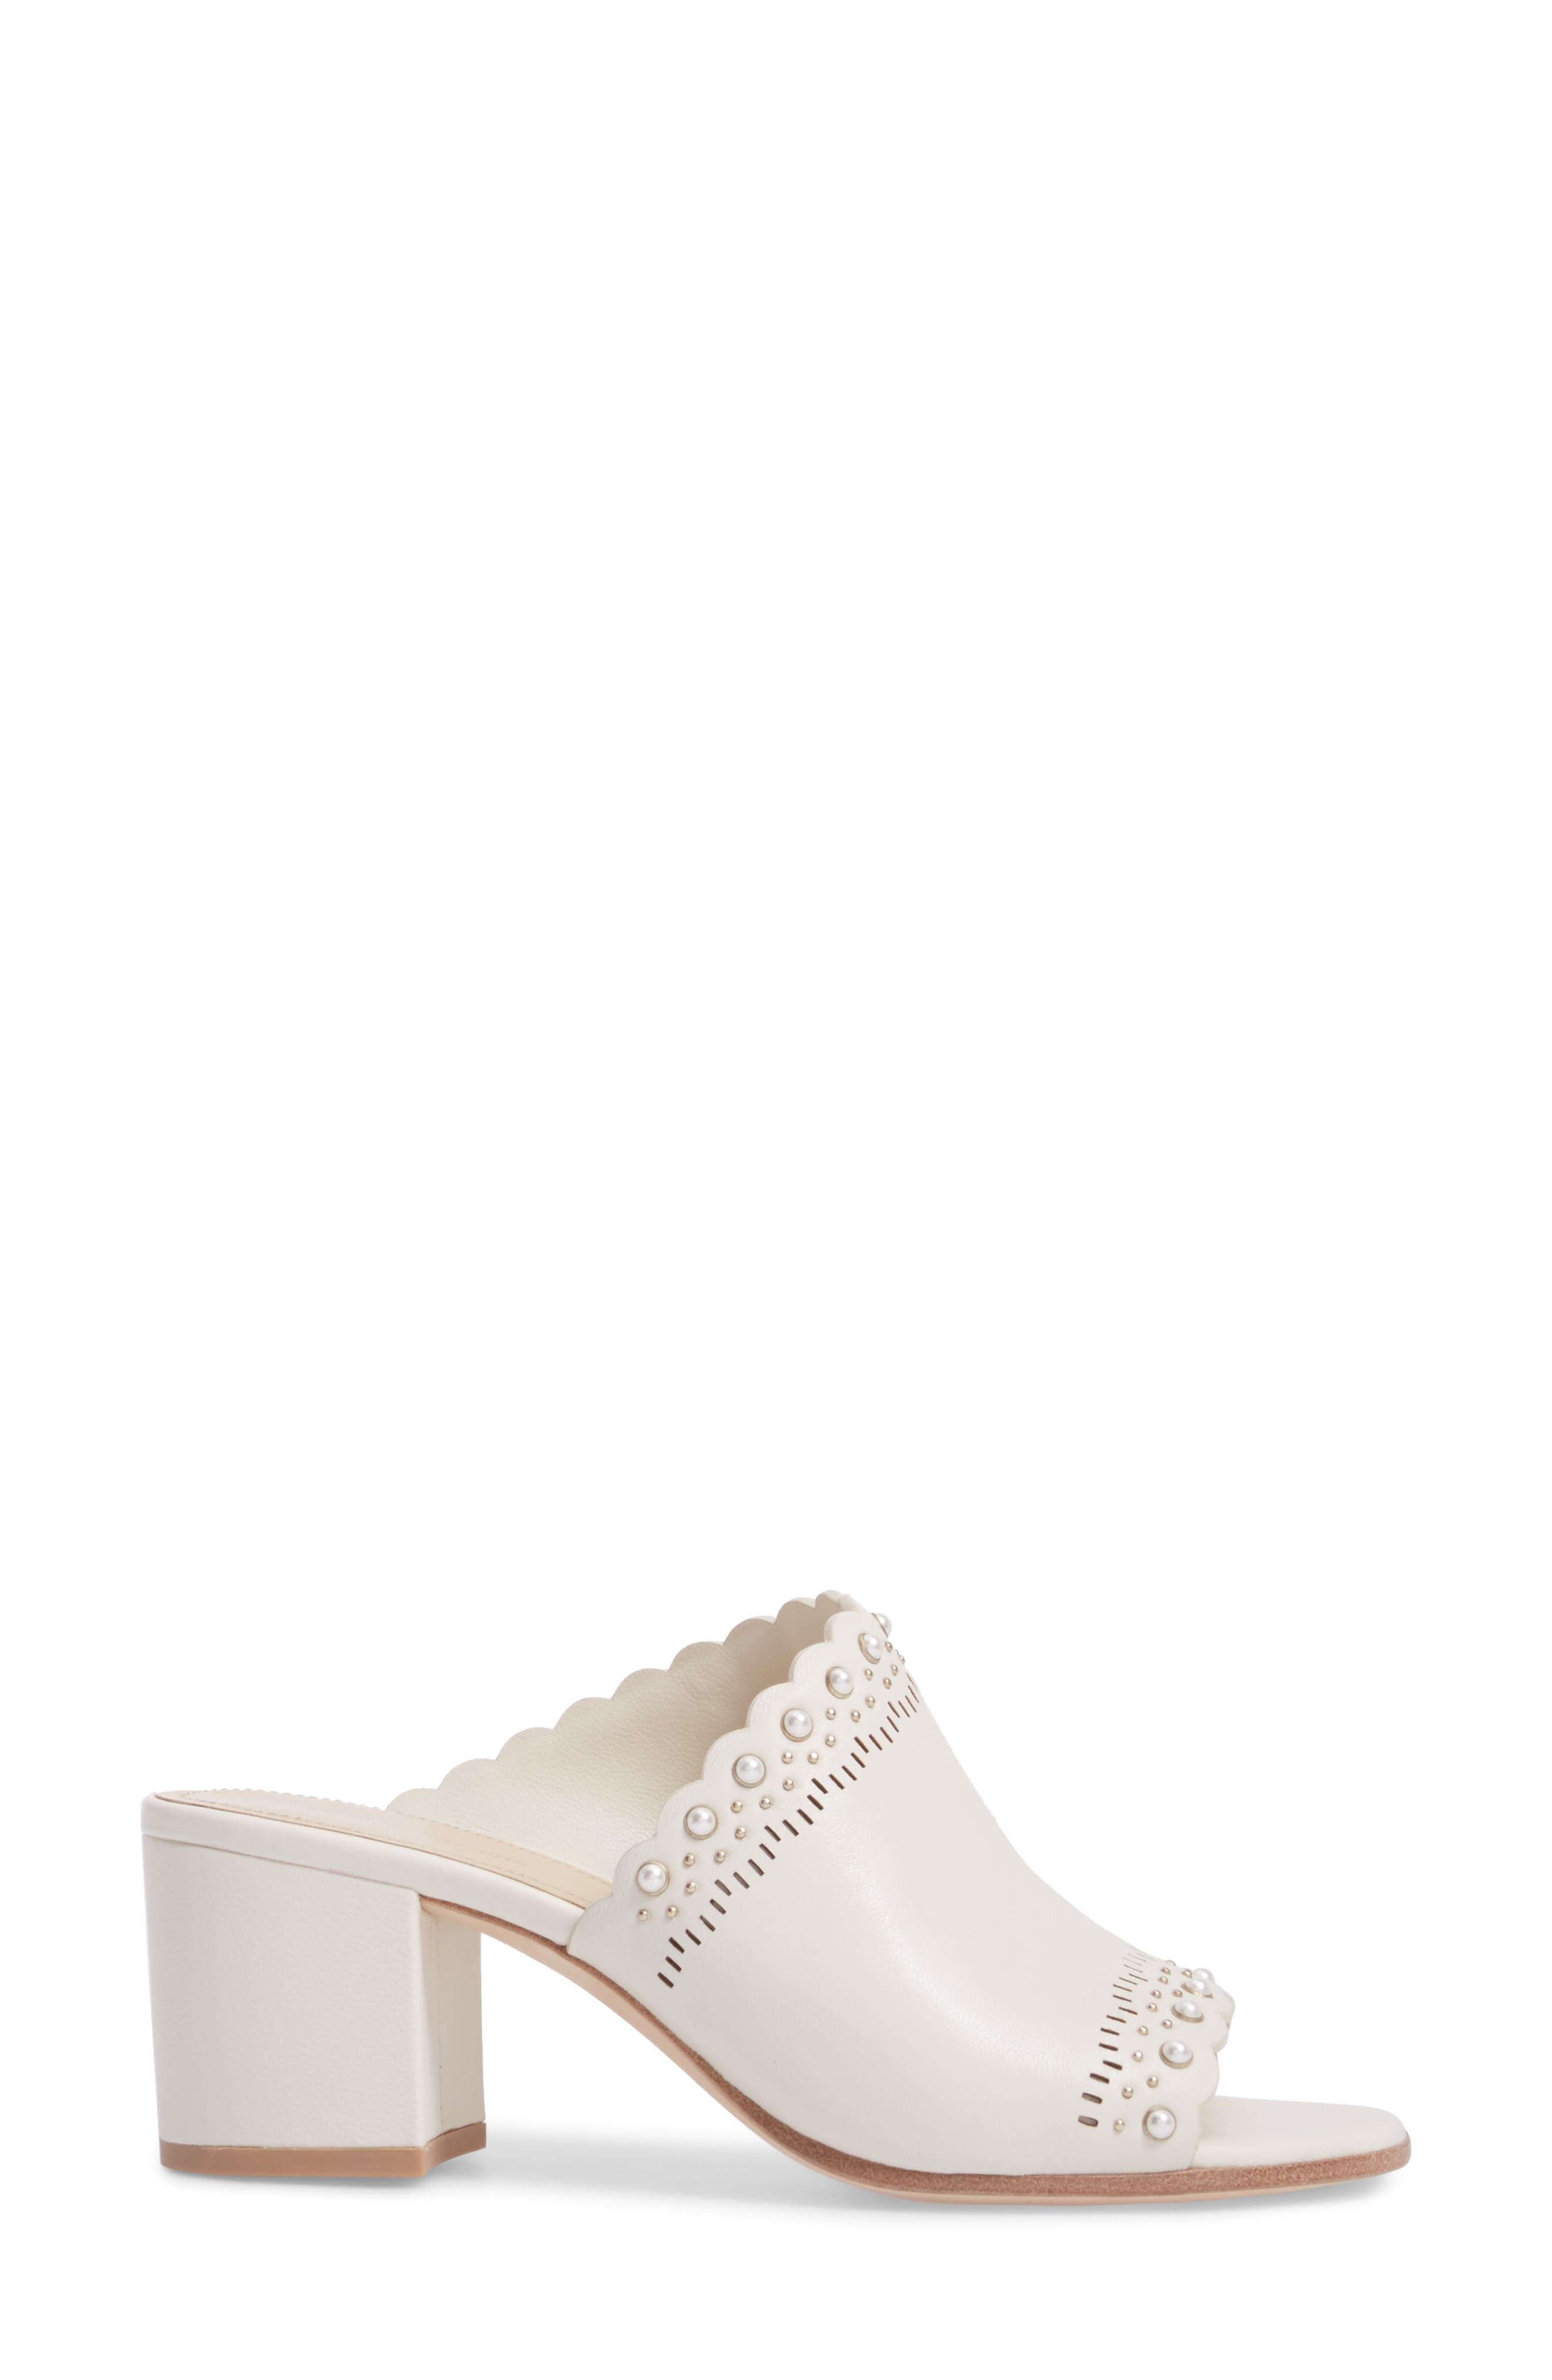 Amela Embellished Slide Sandal,                             Alternate thumbnail 3, color,                             Bone Leather